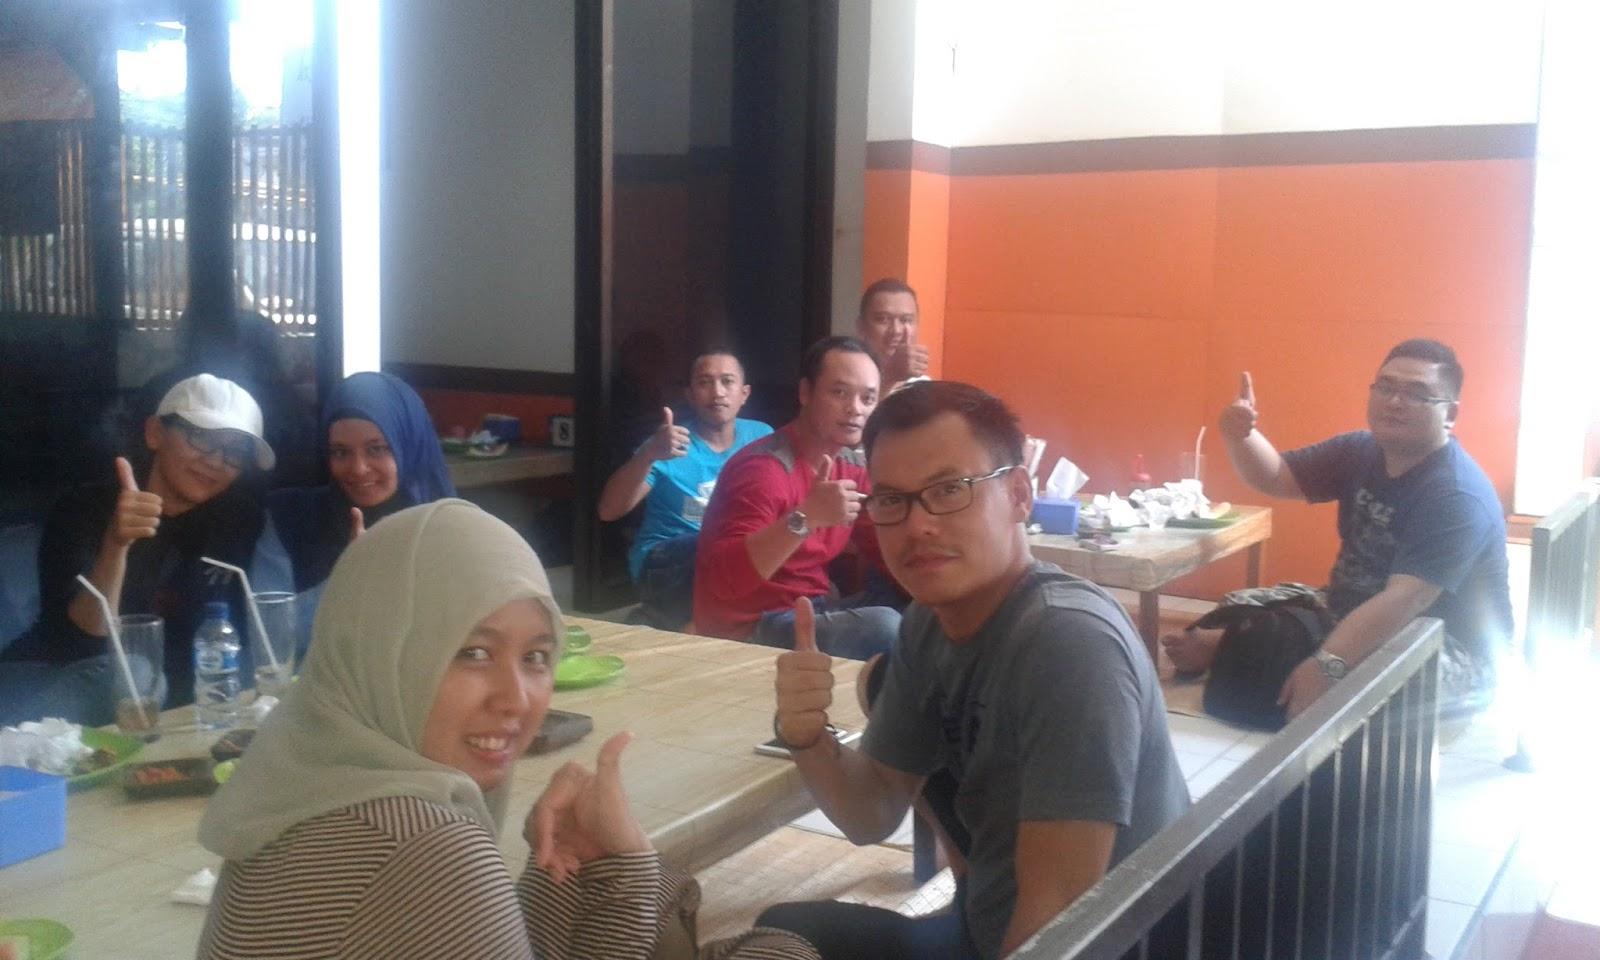 Daftar Rumah Makan Terfavorit Terkenal Di Bali 2016 Nasi Kotak Batur Kursi Kayu Jati Unik Scandinavian Modern Cafe Melayani Tempat Halal Untuk Rombongan Kue Atau Snack Box Tour Group